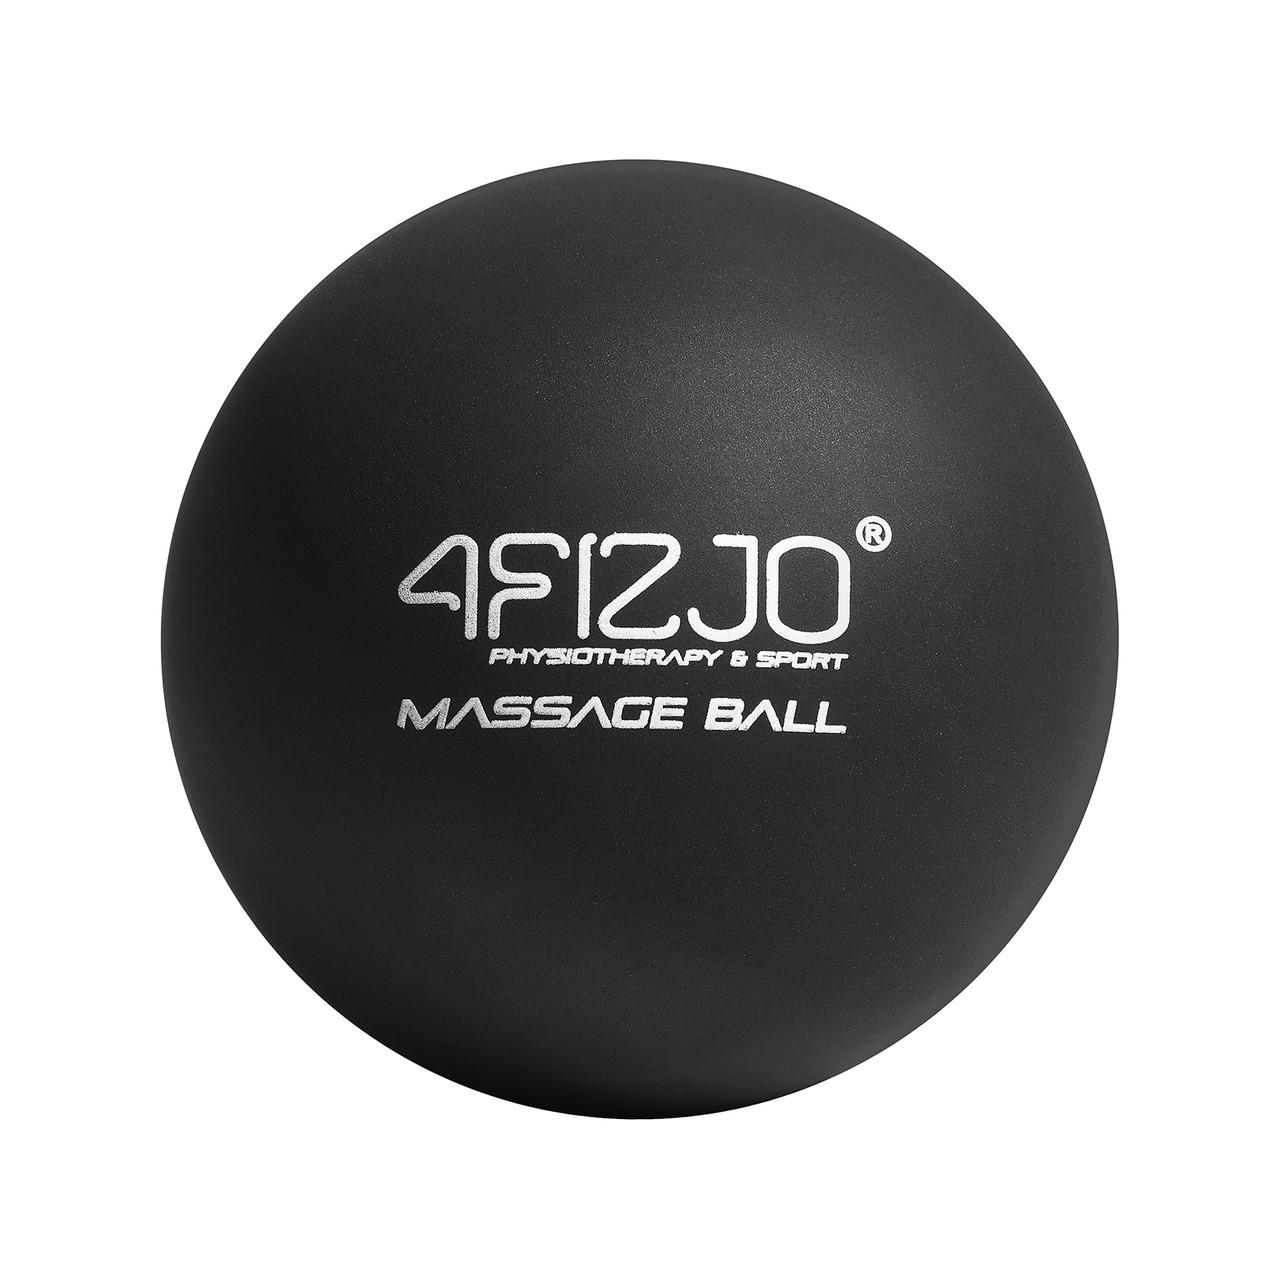 Массажный мяч 4FIZJO Lacrosse Ball 6.25 см 4FJ1196 Black